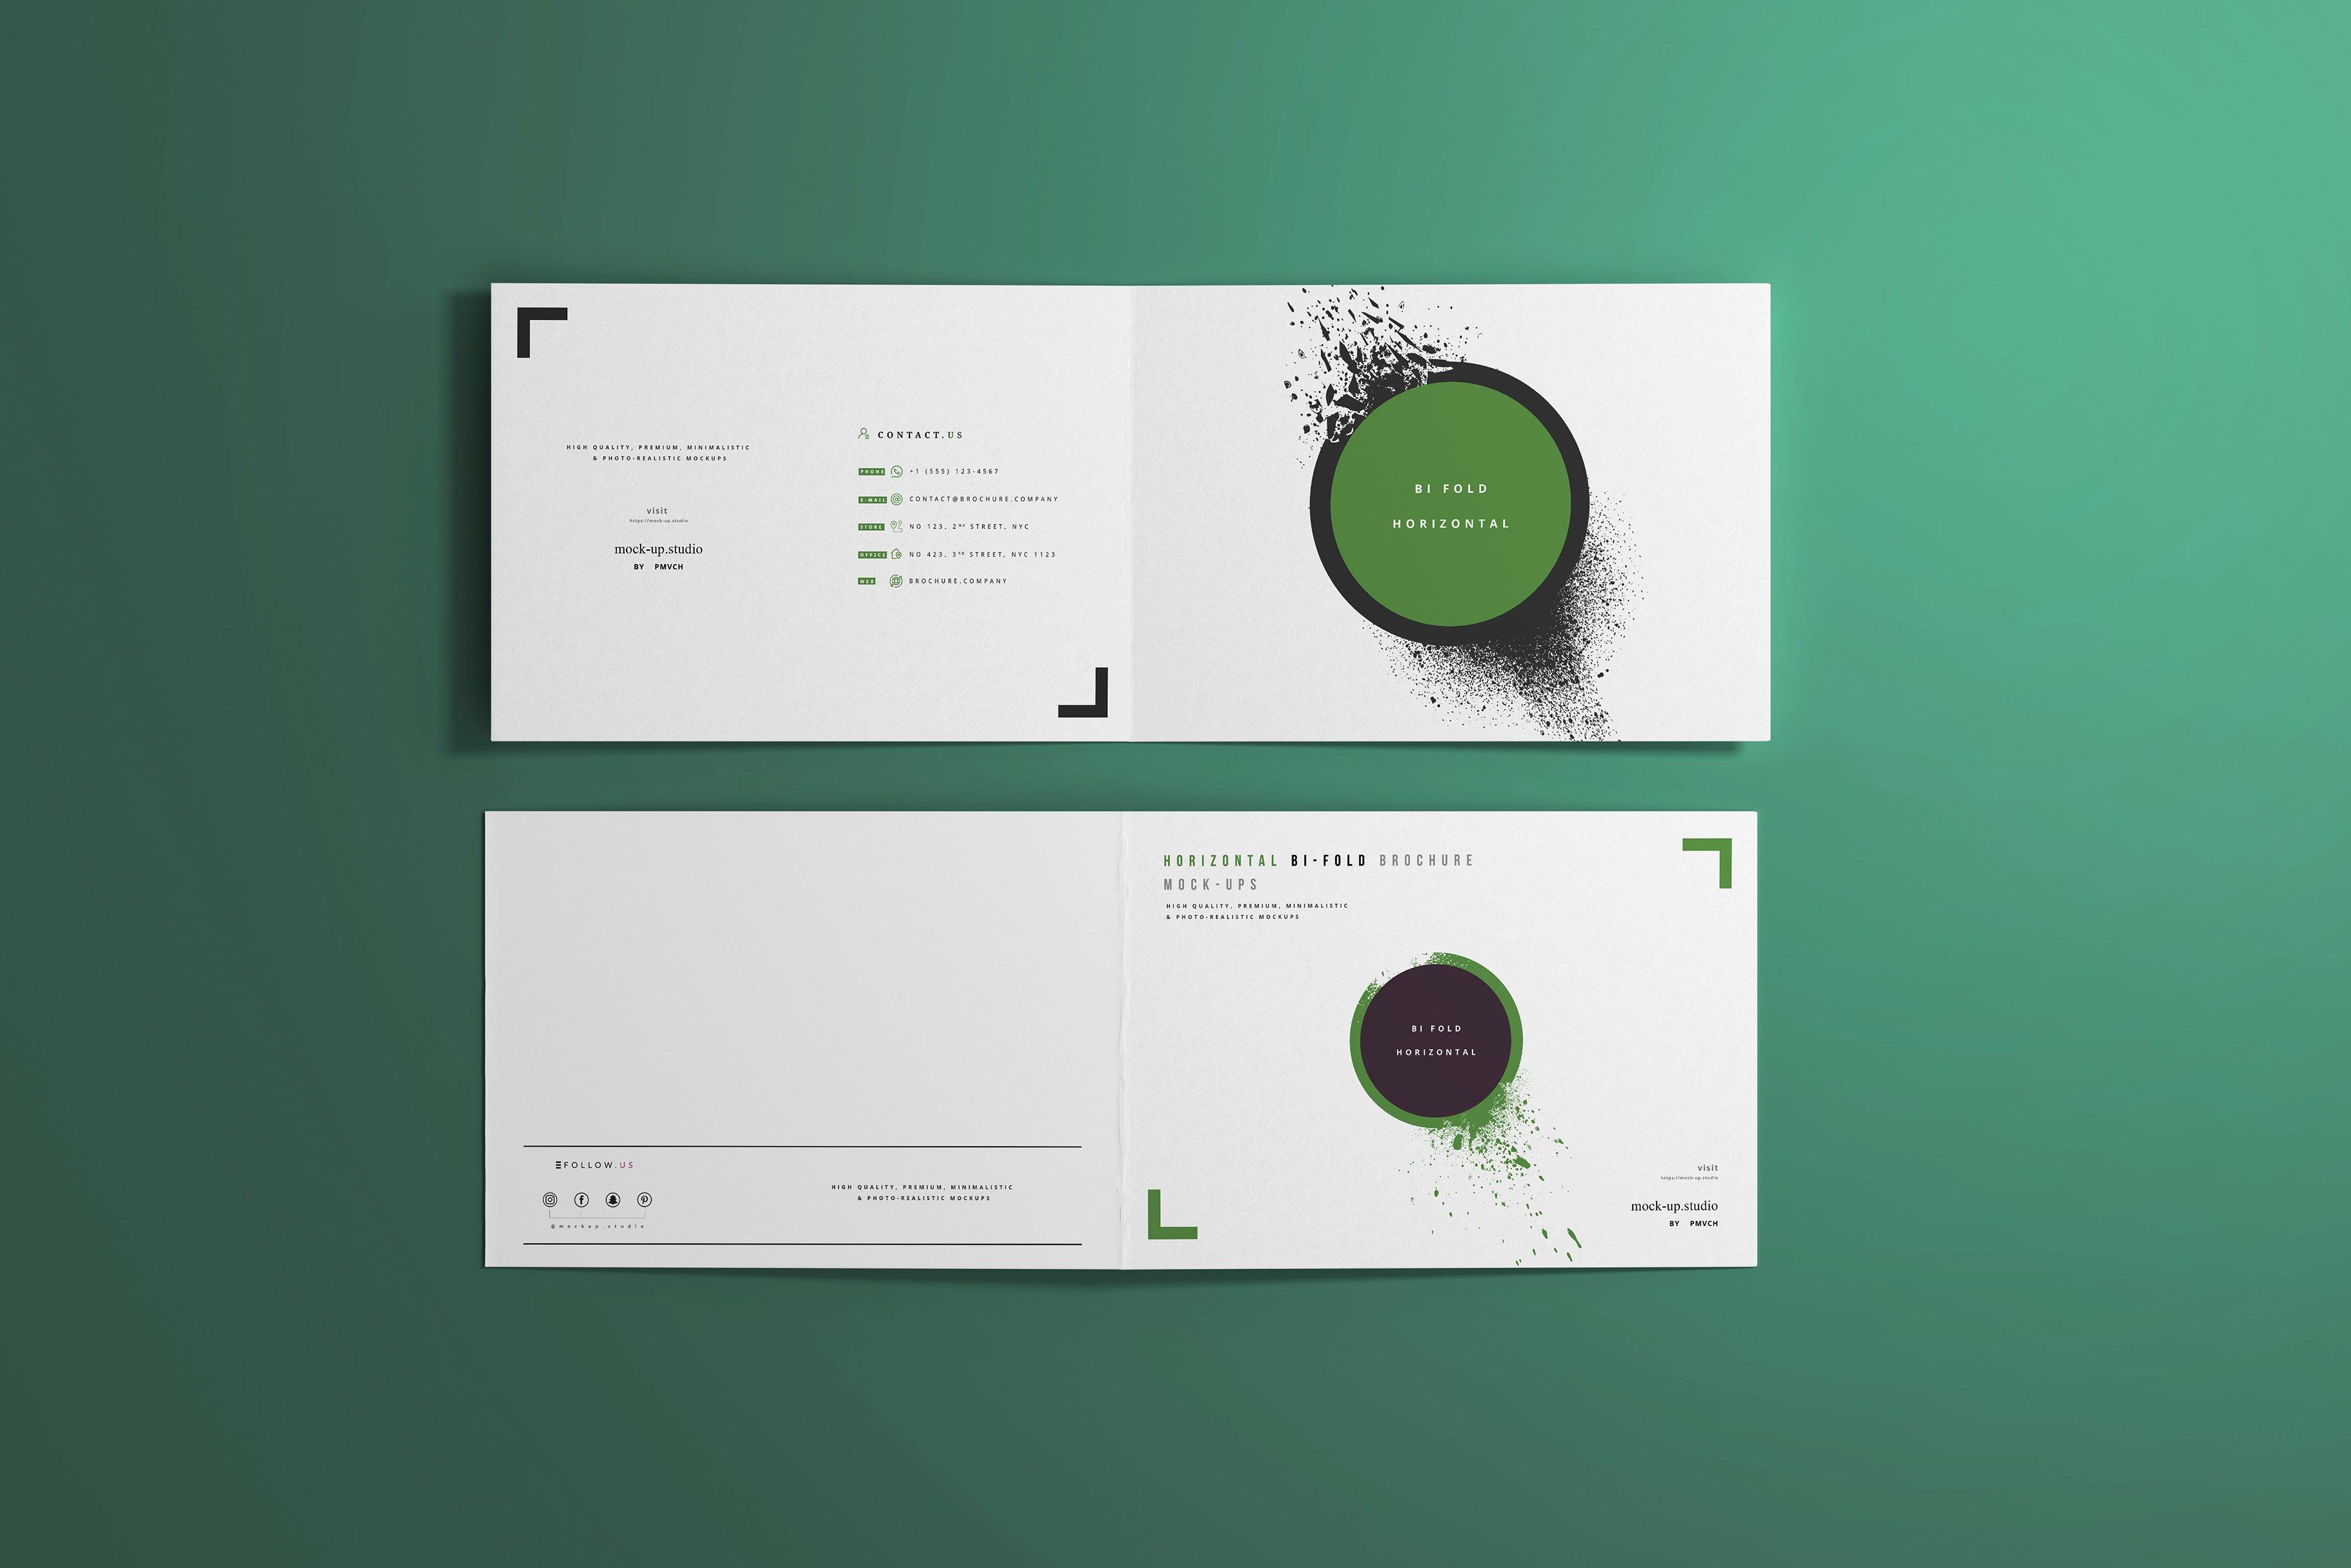 8款A4两折页小册子设计展示贴图样机模板 A4 Bi-Fold Horizontal Mockups插图(3)